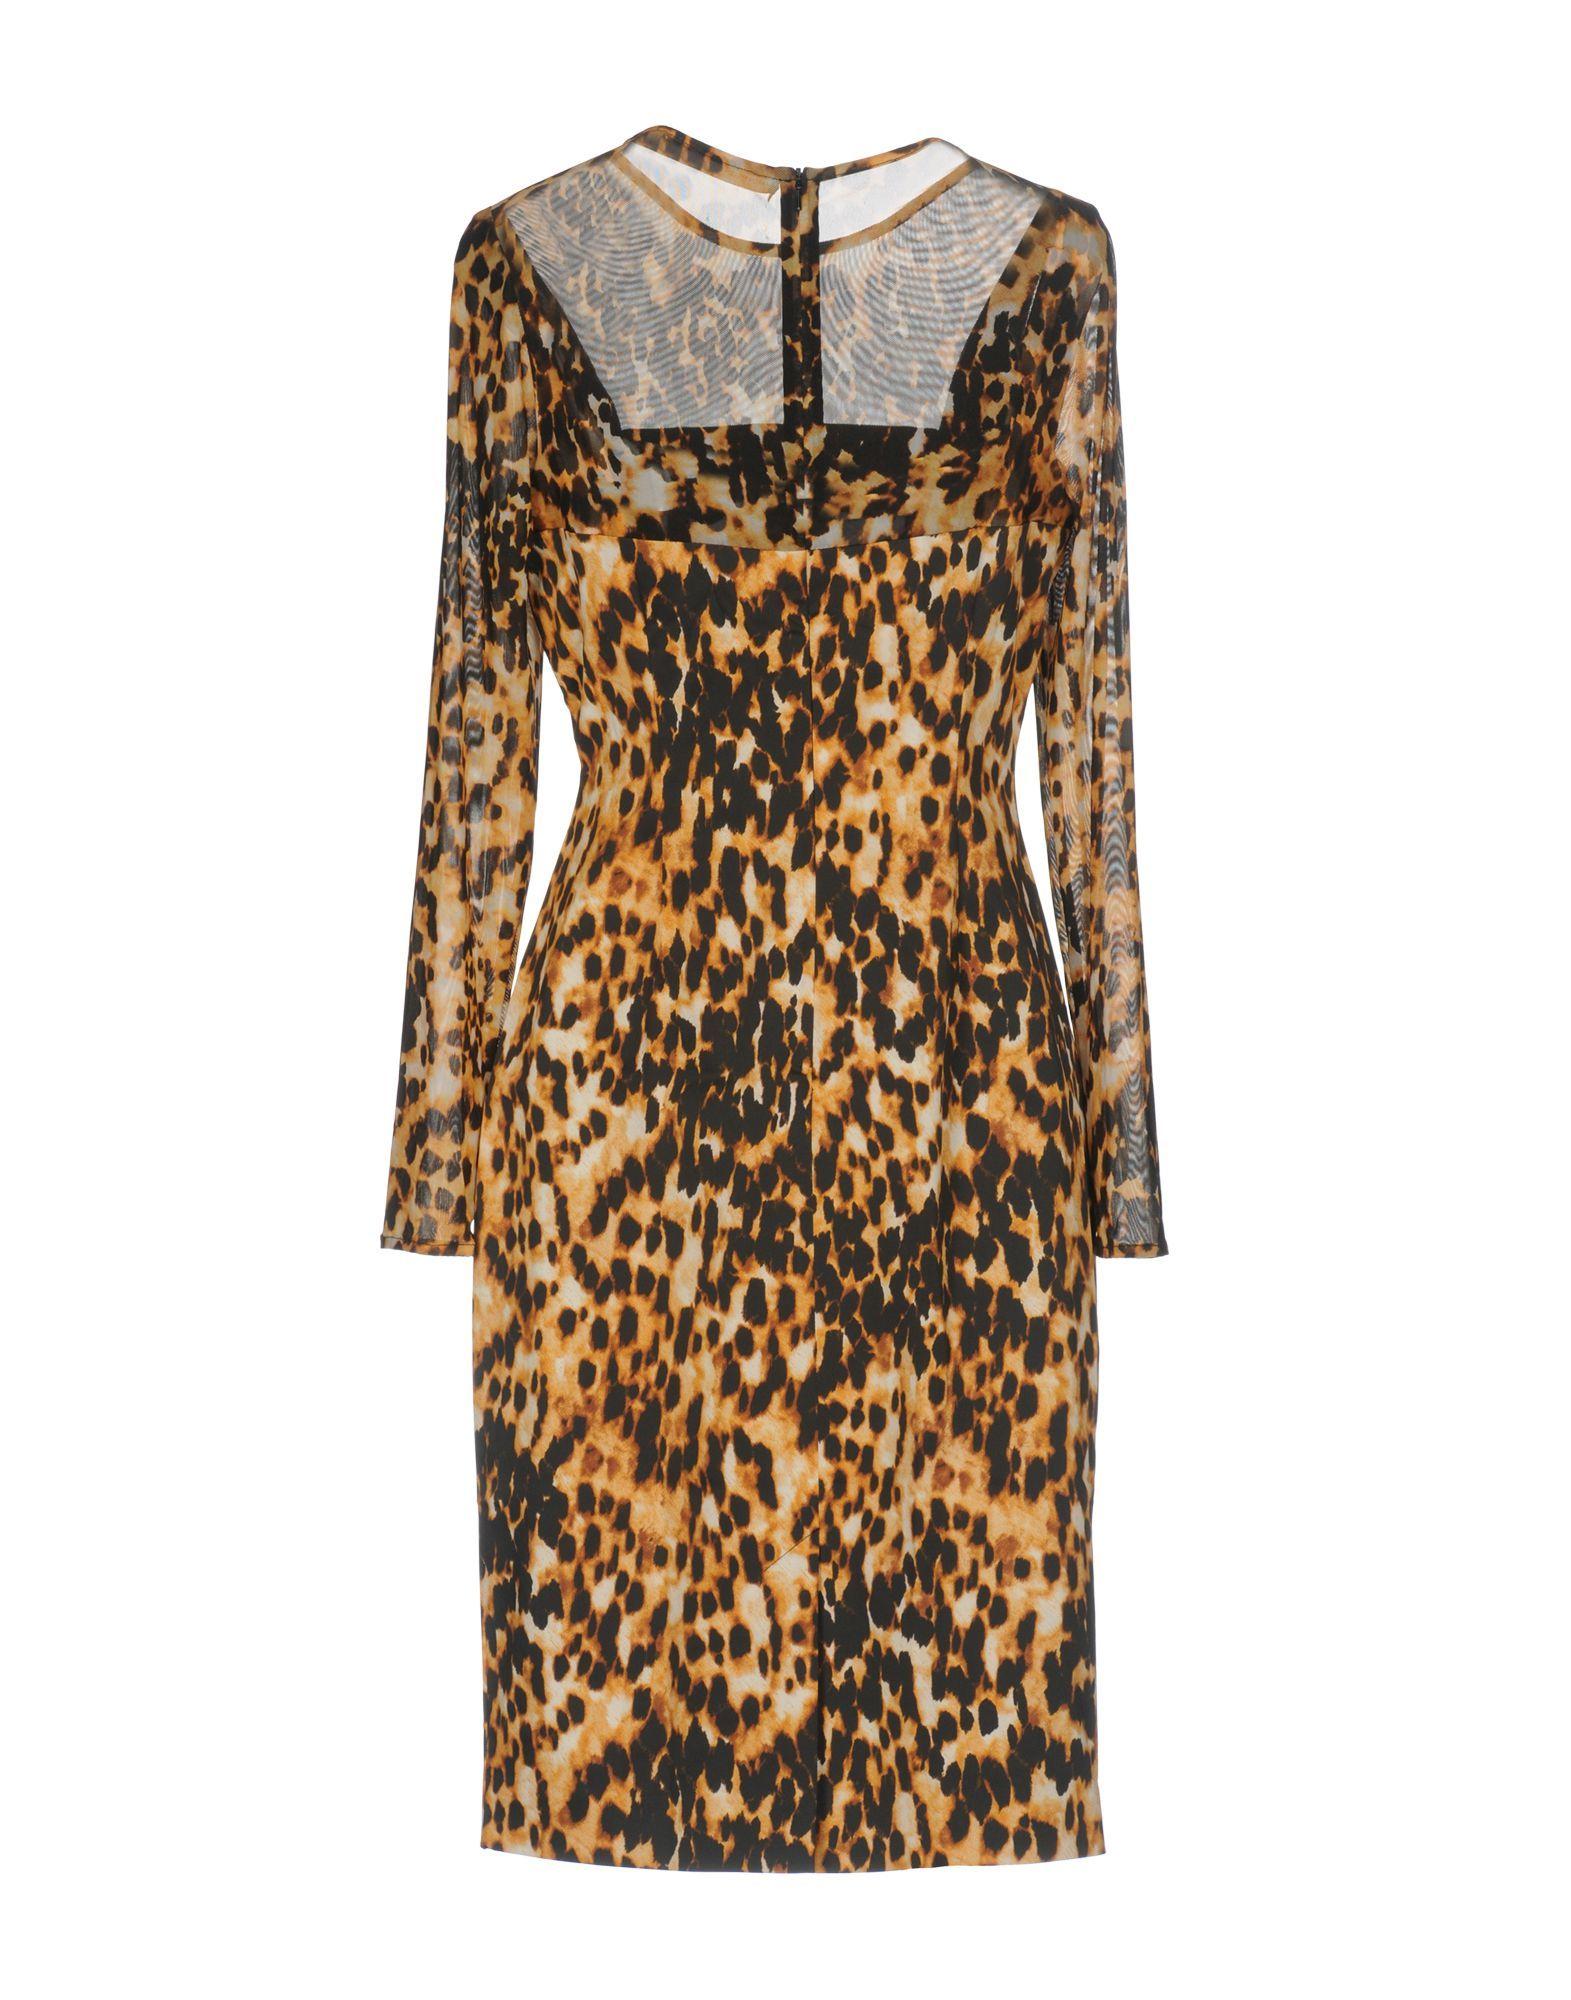 Karen Millen Sand Leopard Print Long Sleeve Dress